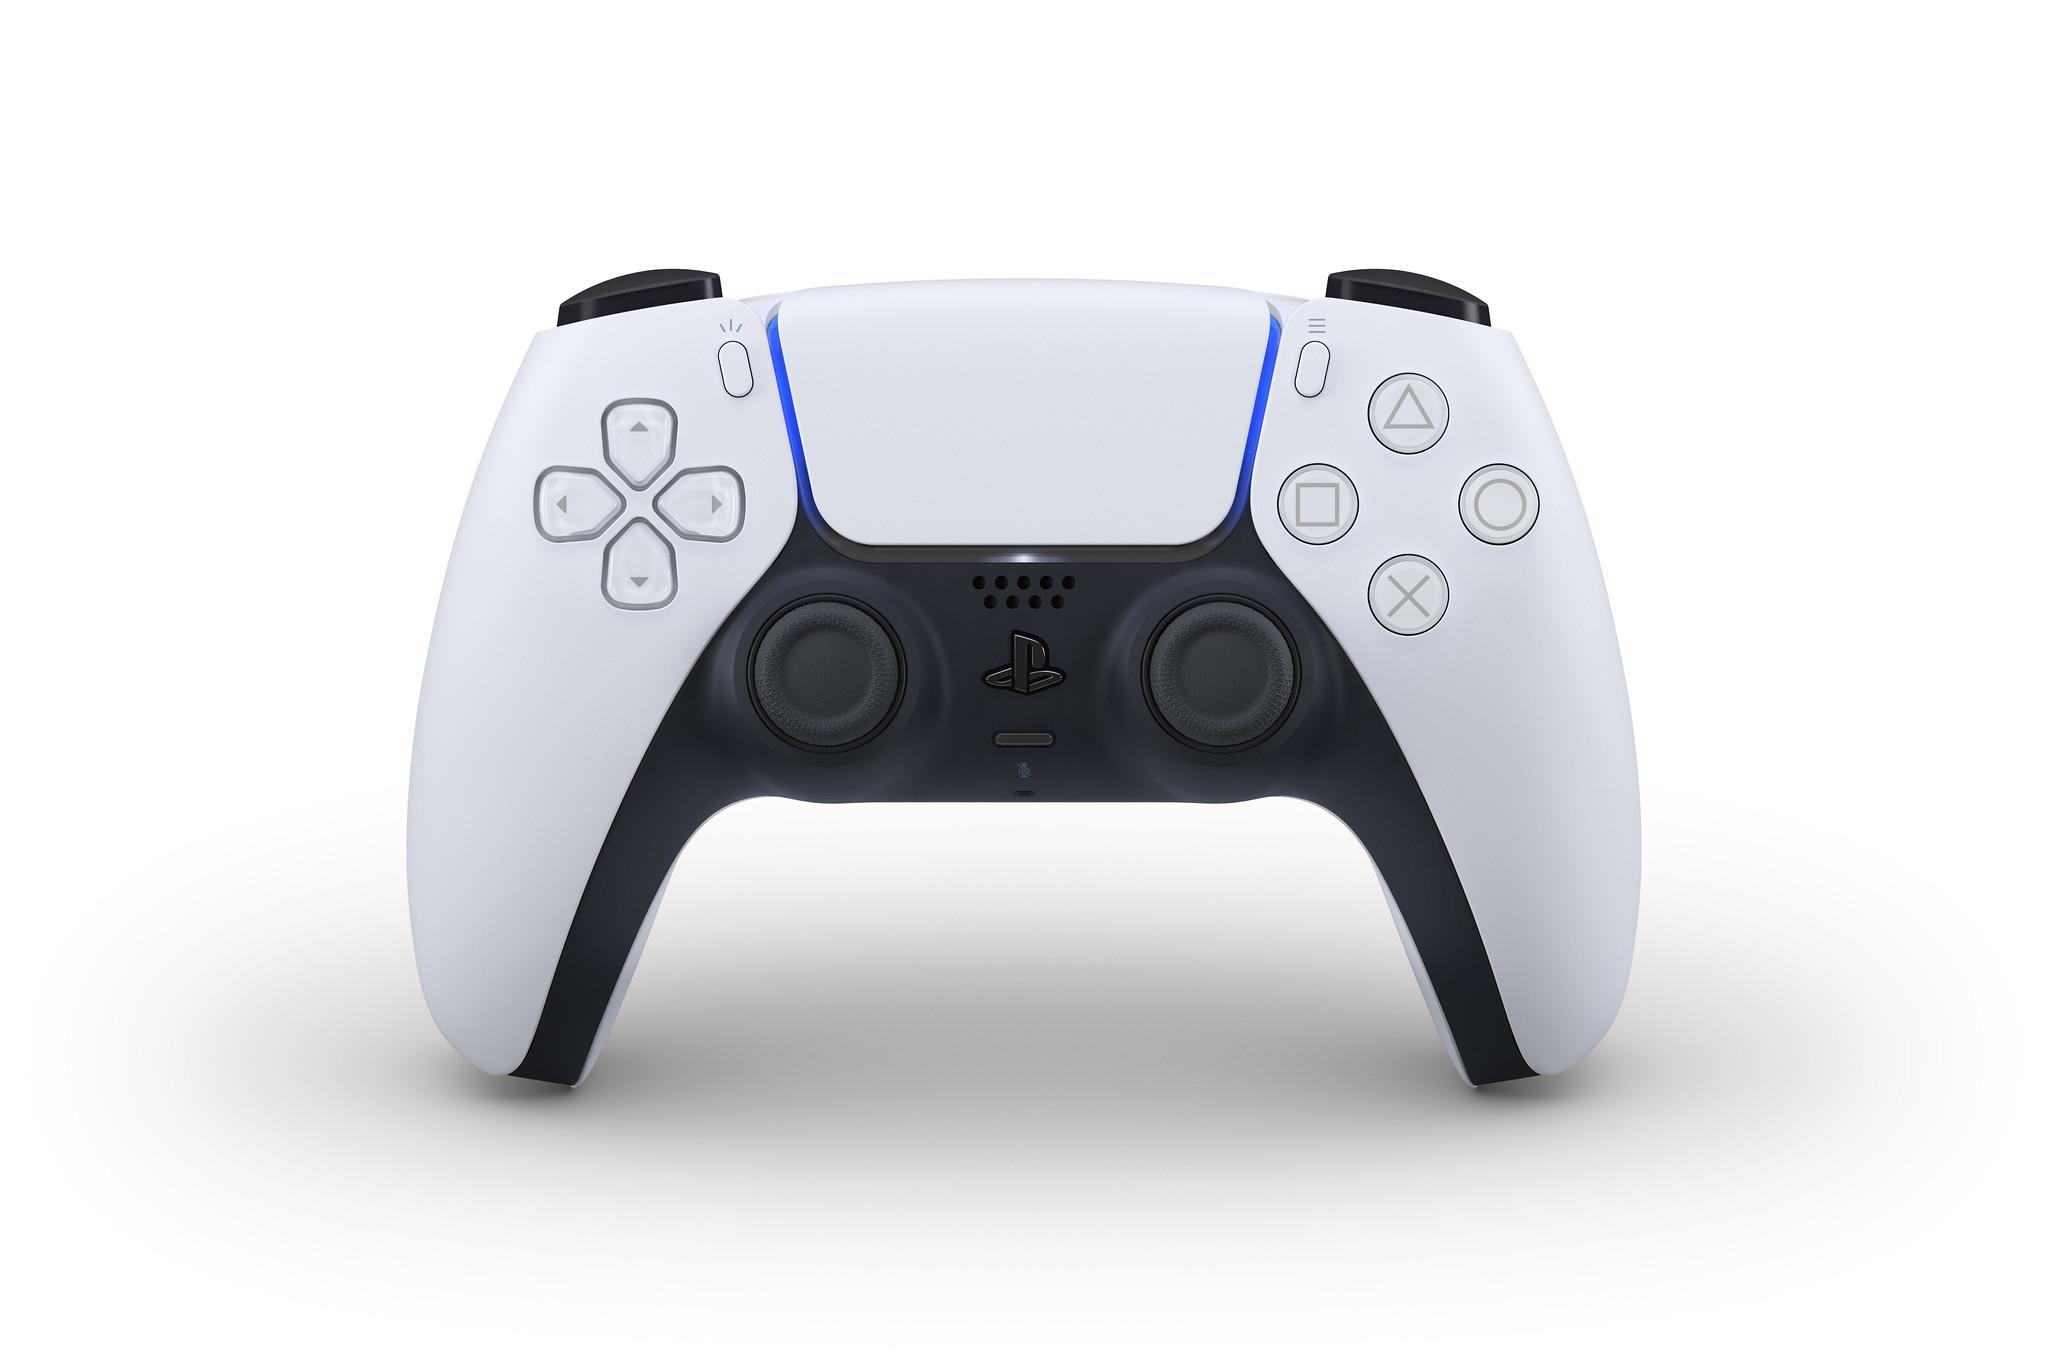 PS5 Controller offiziell enthüllt – DualSense genannt